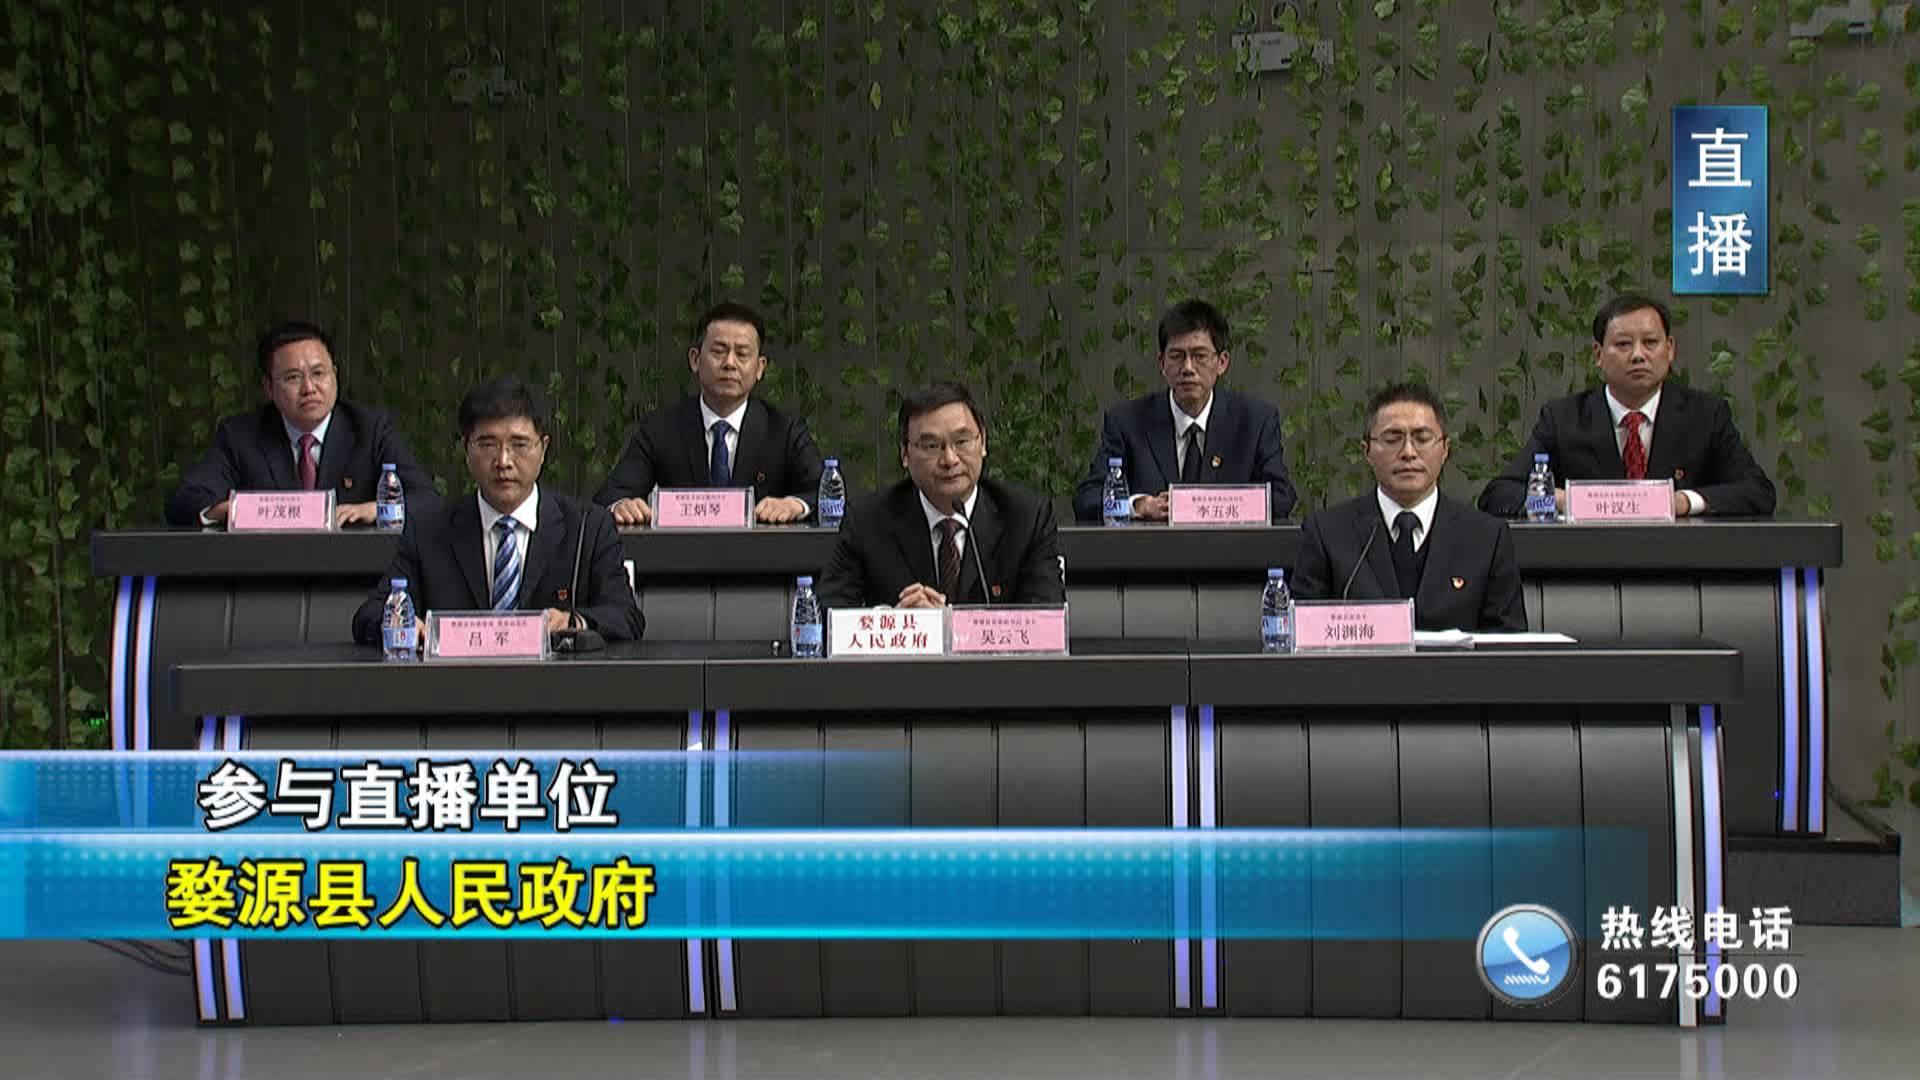 2018年党风政风直播婺源县人民政府